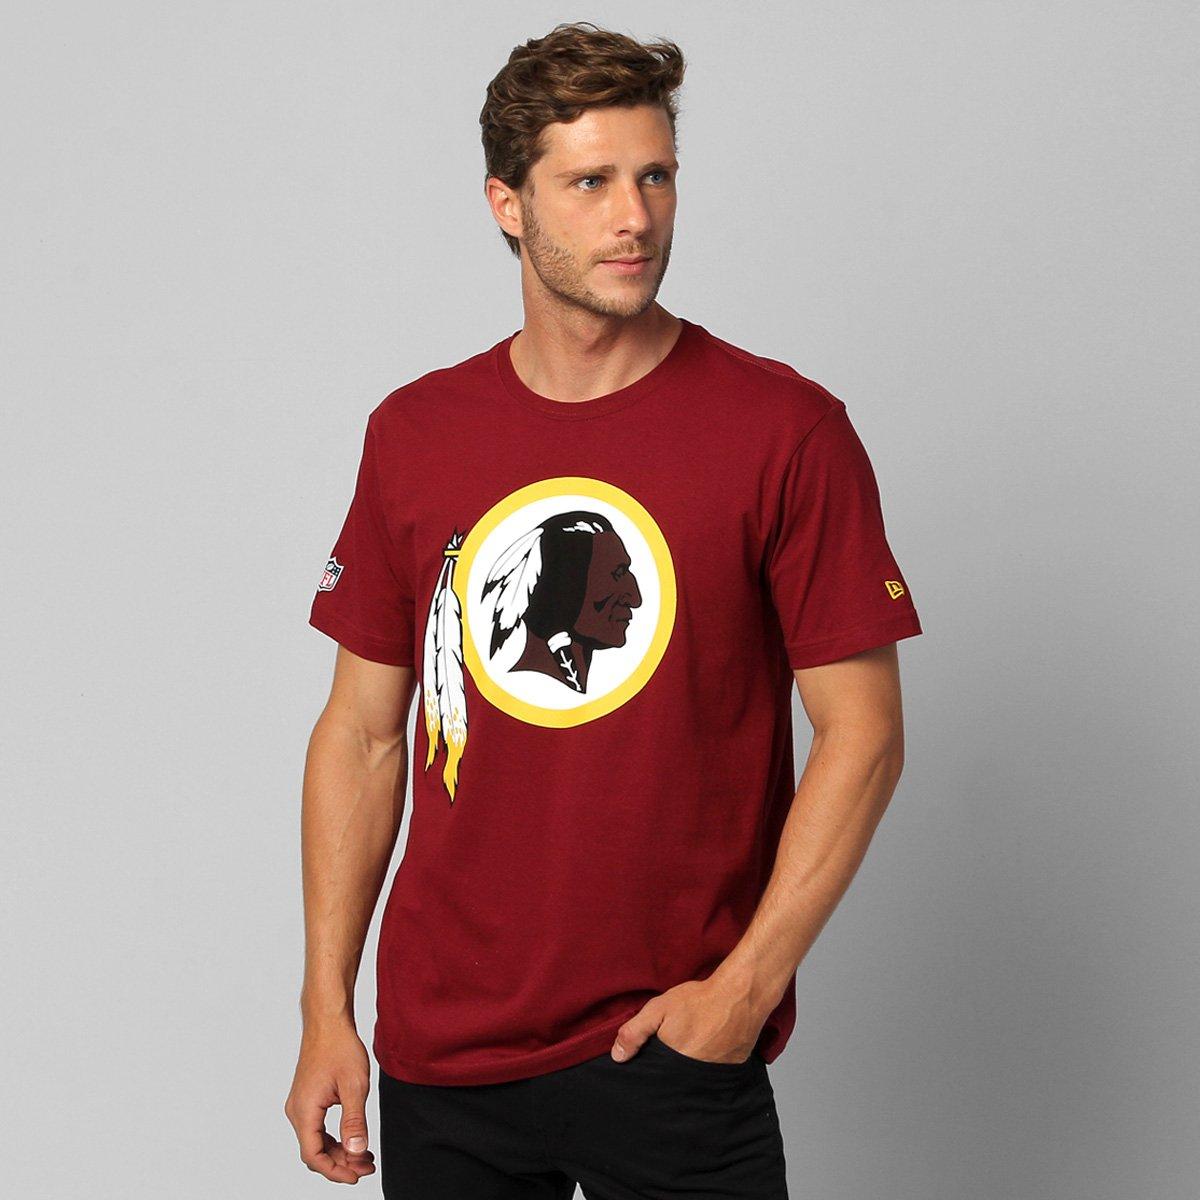 bb697be6d0cb7 Camiseta New Era NFL Washington Redskins - Vinho - Compre Agora ...